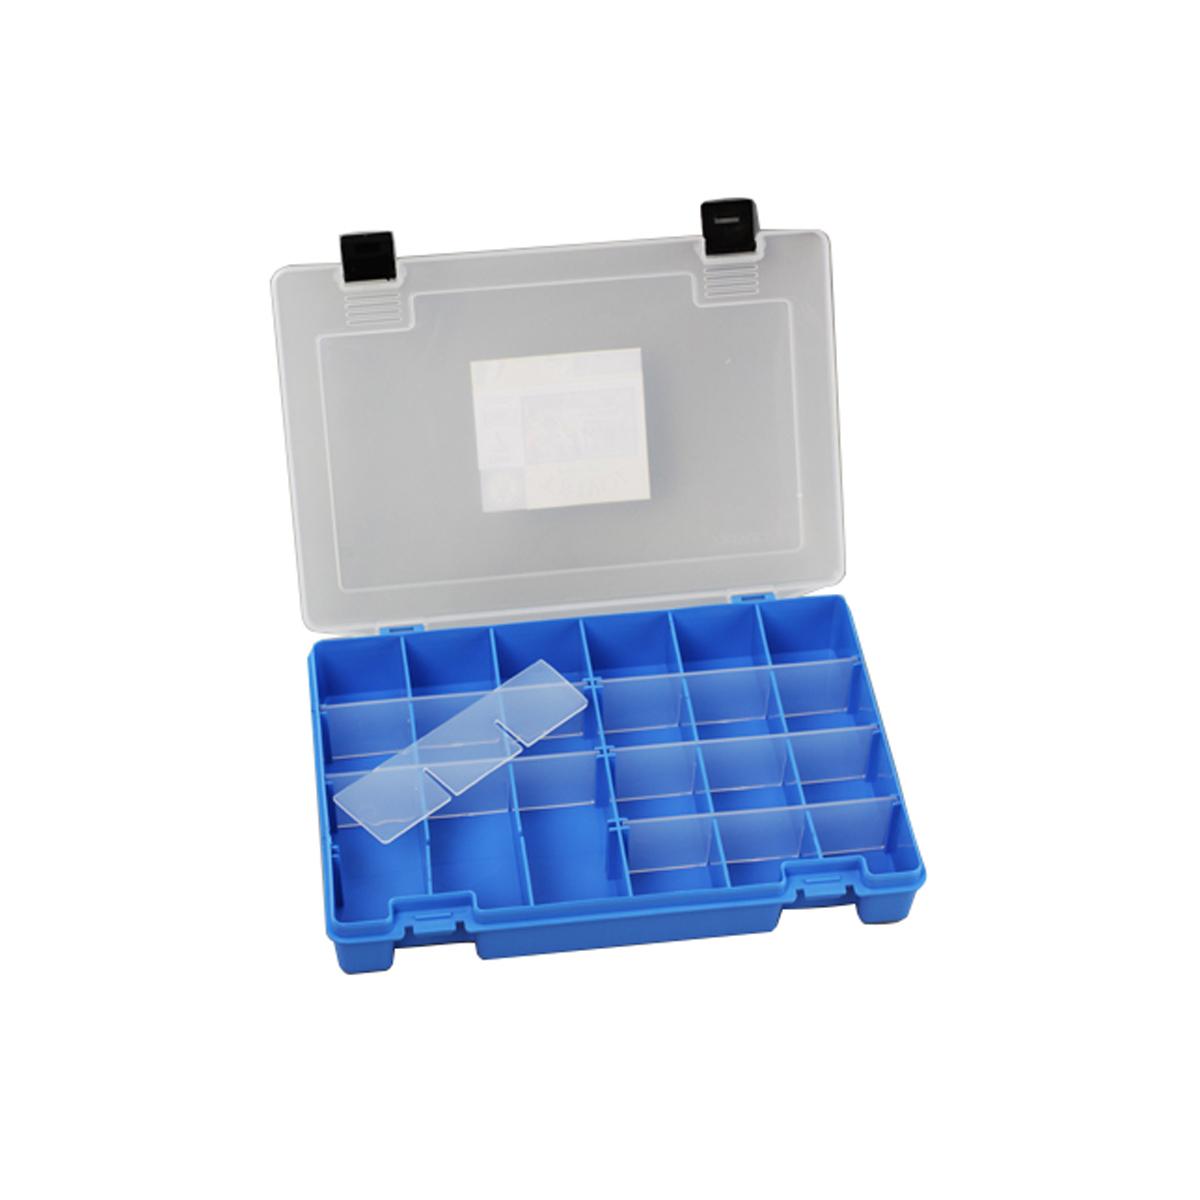 """Коробка для мелочей """"Trivol"""", выполненная из прочного  полипропилена (пластика), отлично подойдет для хранения  канцелярских принадлежностей дома или в офисе,  аксессуаров для шитья и рукоделия, болтов и гаек, а также  принадлежностей для рыбалки и других видов хобби.  Изделие имеет прочные съемные разделители, с помощью  которых можно регулировать количество ячеек. Прозрачный  материал позволяет видеть содержимое. Крышка коробки  плотно закрывается на 2 защелки. Коробка легко моется и  чистится. Она поможет держать ваши вещи в порядке.   Размер ячейки: 4,5 х 4,5 х 4 см."""